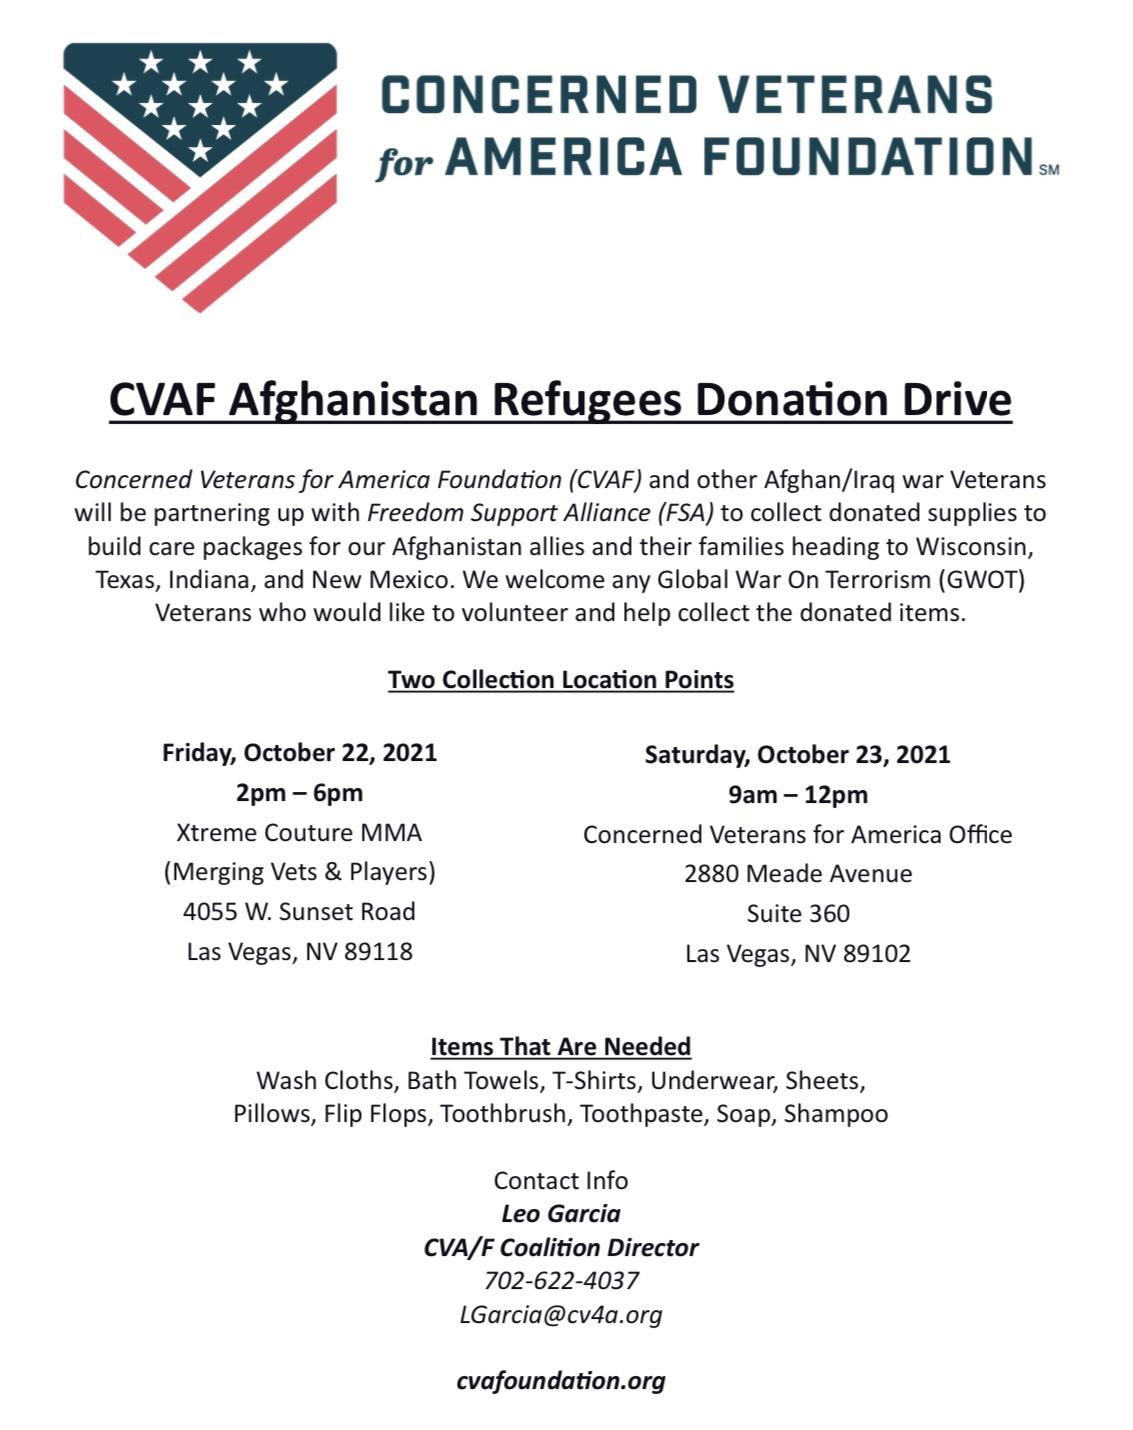 CVAF Afghanistan Refugees Donation Drive